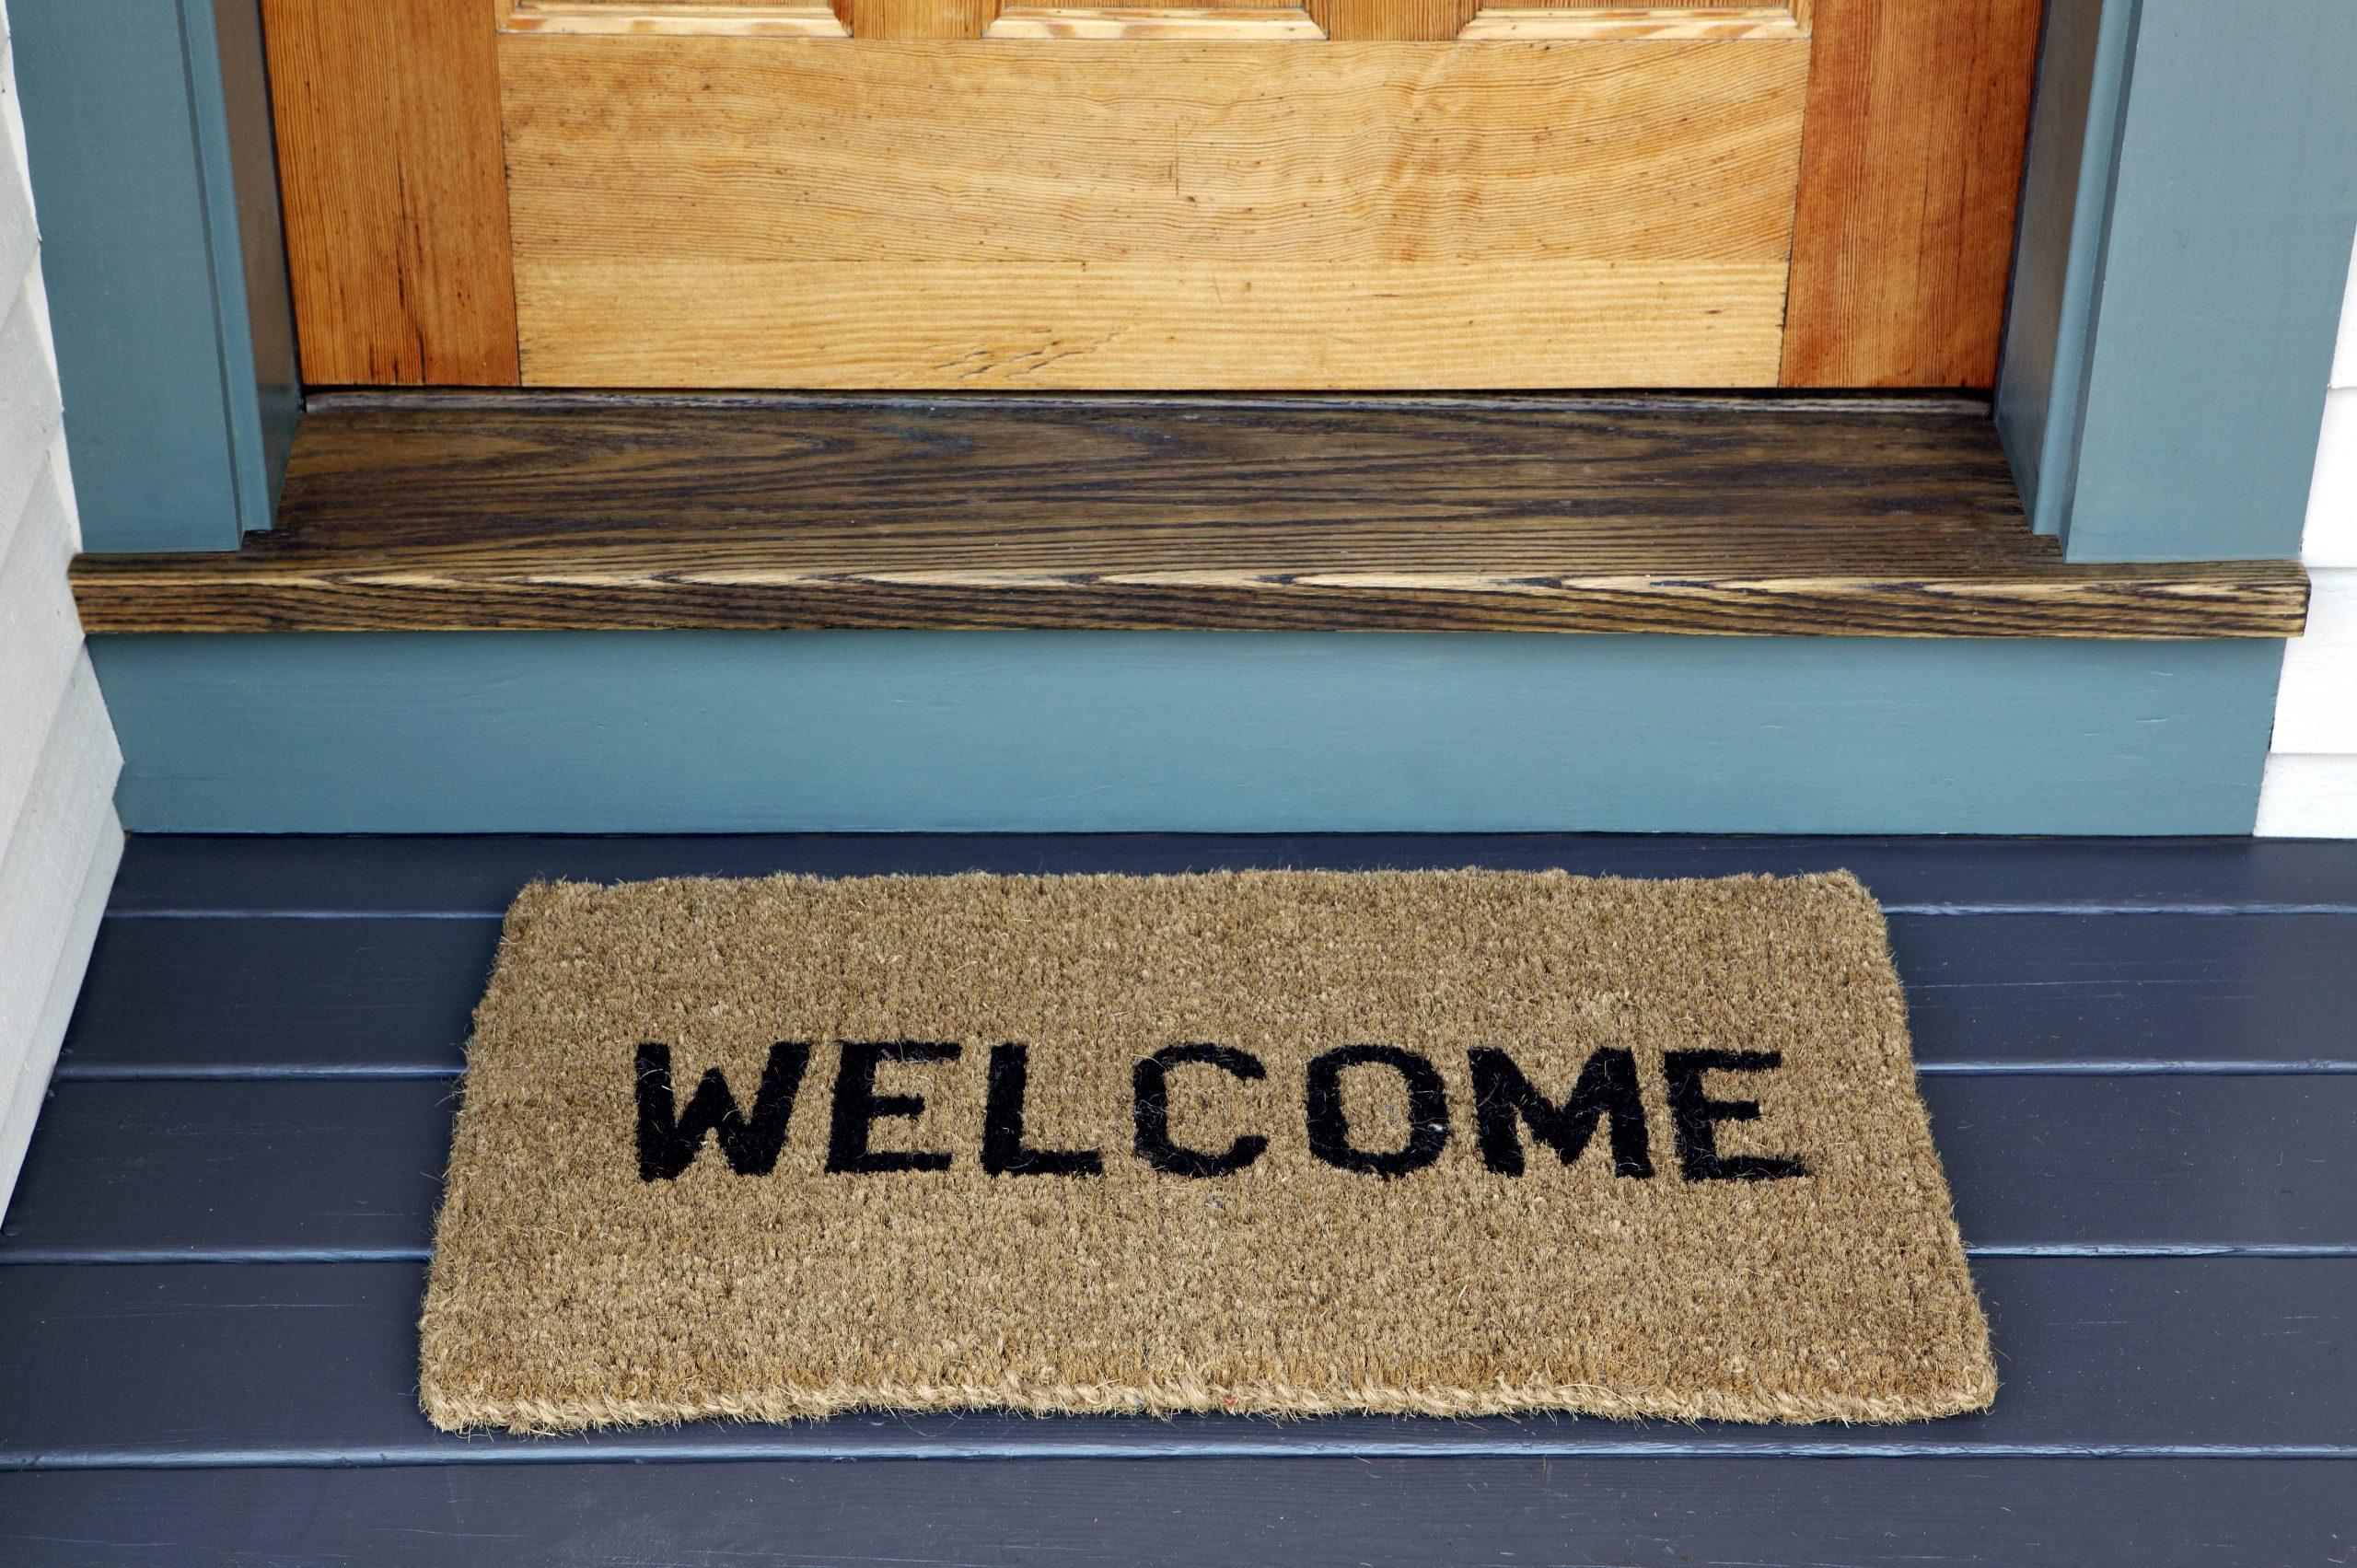 Welcome on Door Mat